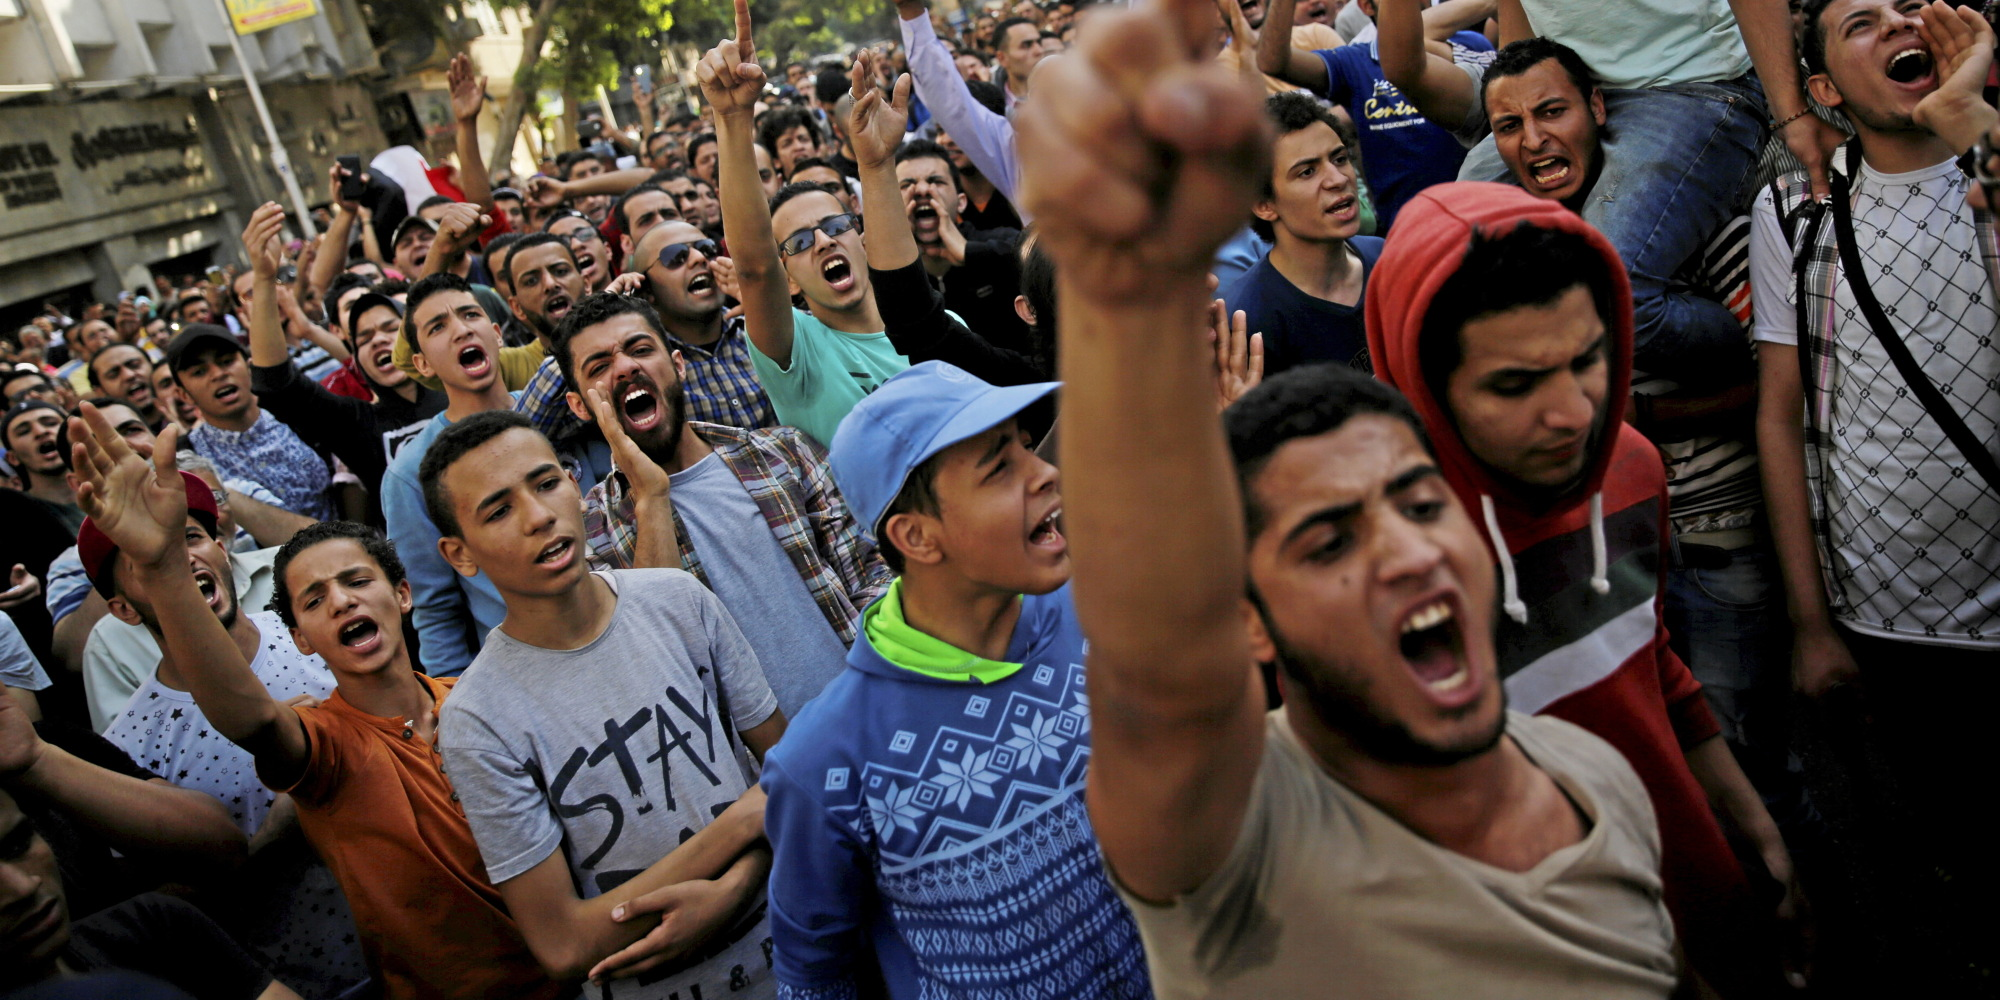 داعش المحاصرة في سيناء والقاعدة المتمددة في غربي مصر يتنافسان على شباب الإخوان..  سلميتكم جلبت لكم الذل